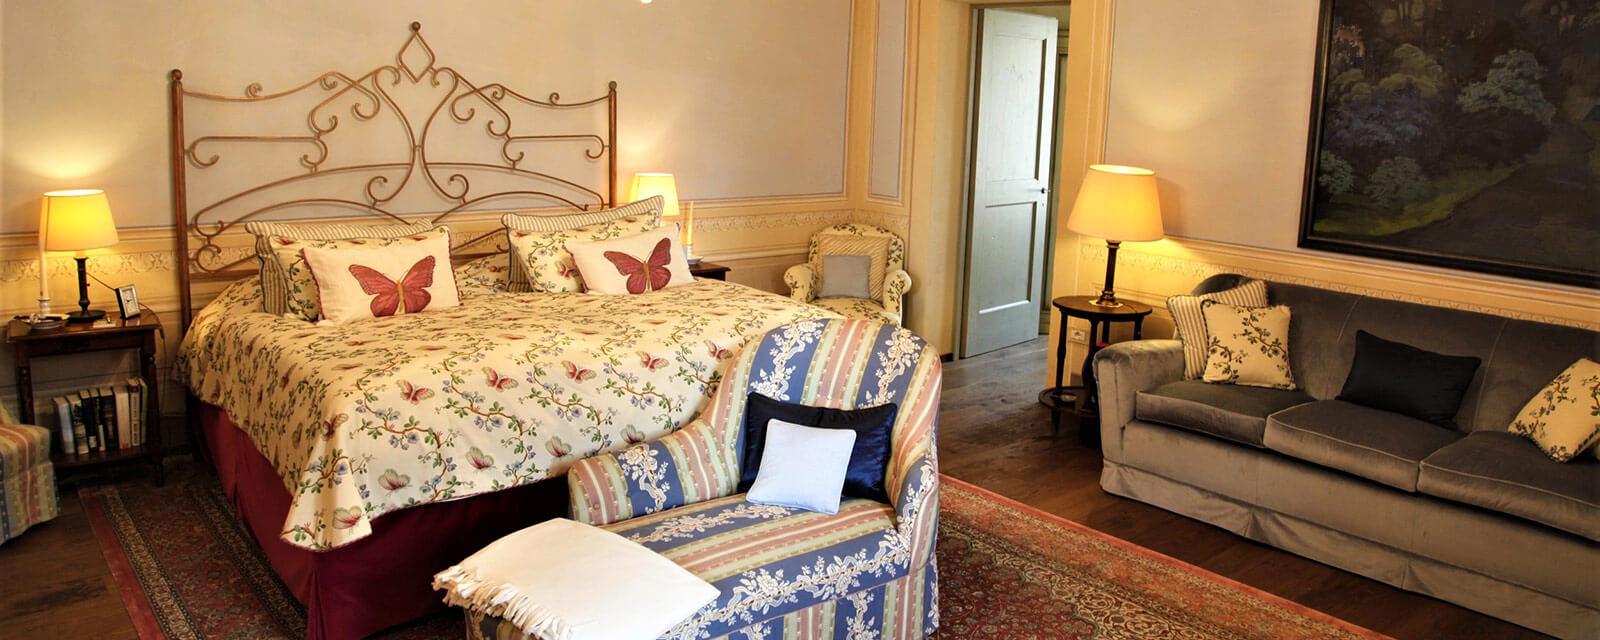 LA SCUDERIA | Exklusives Ferienhaus in der Toskana bei Lucca ...